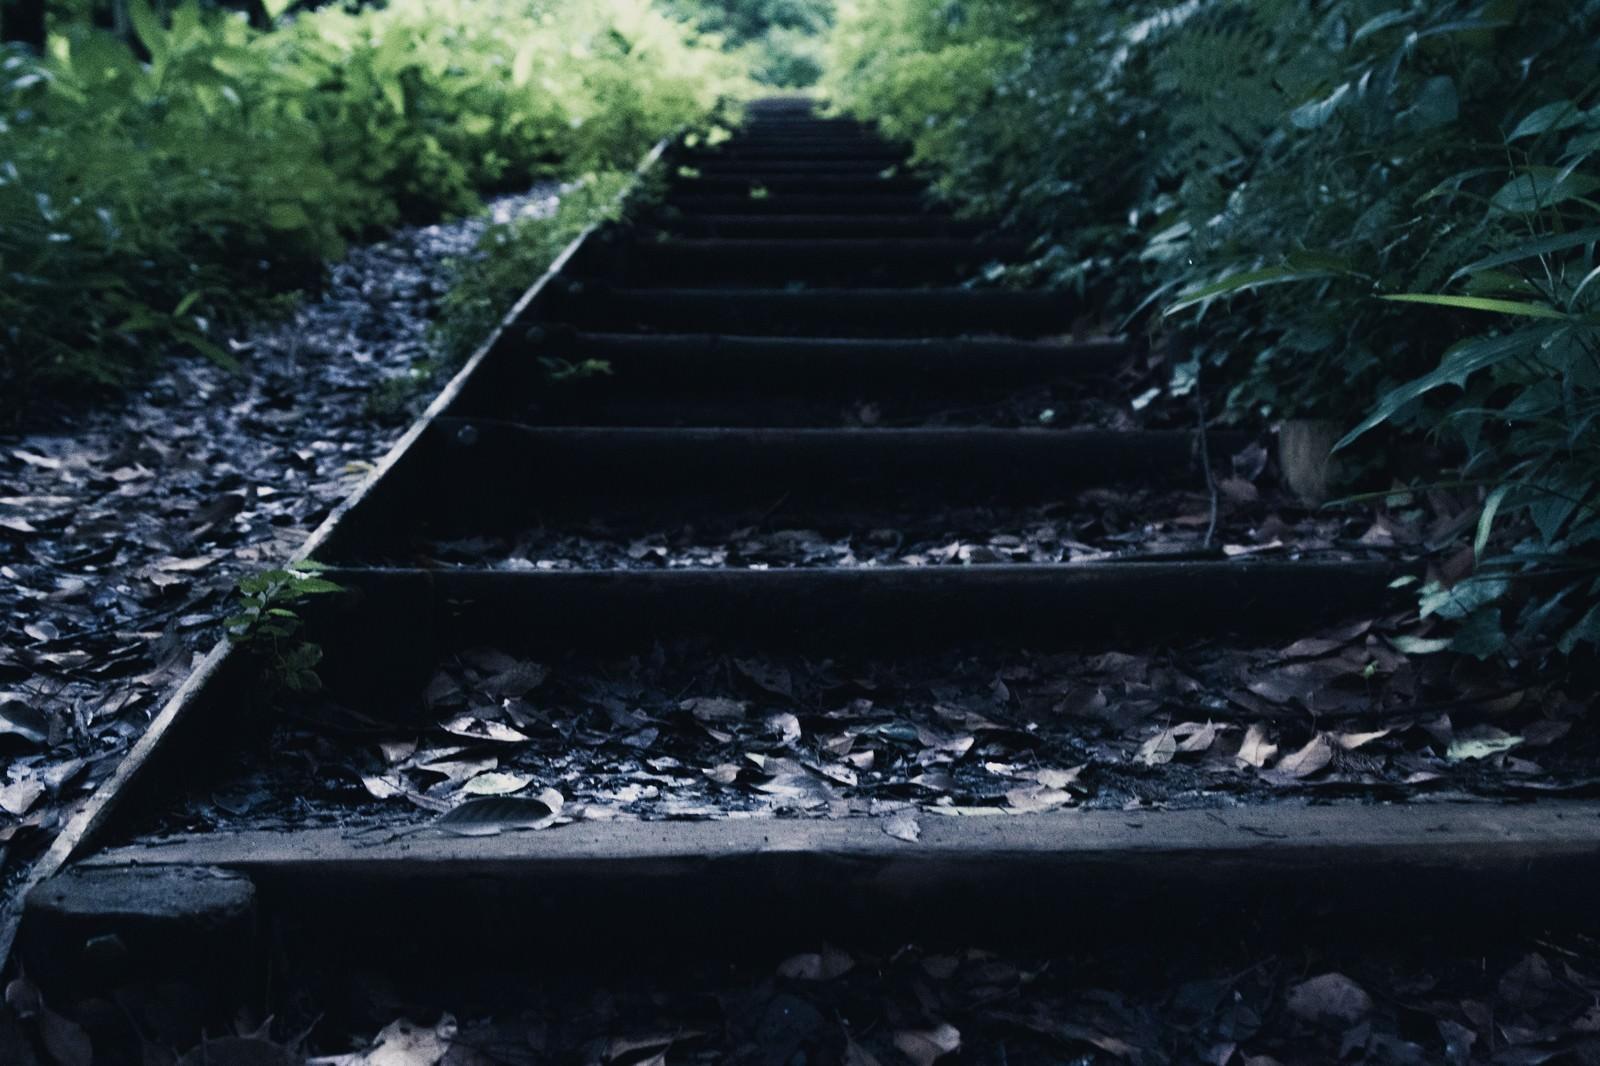 「雨上がり湿った木の階段」の写真